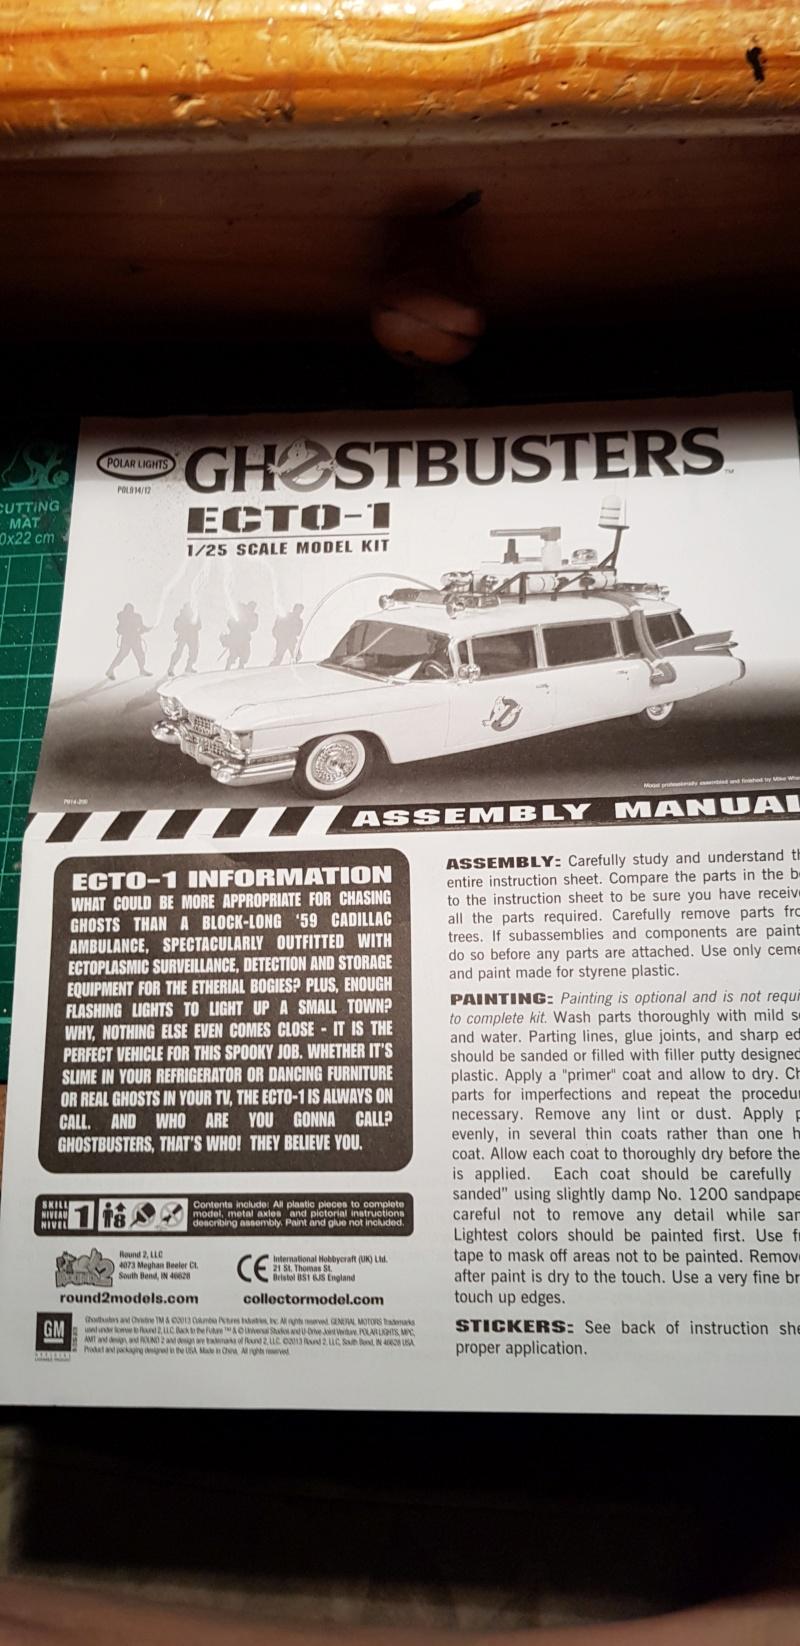 Ghostbusters Ecto 1 1:25 von Polar Lights 20190455